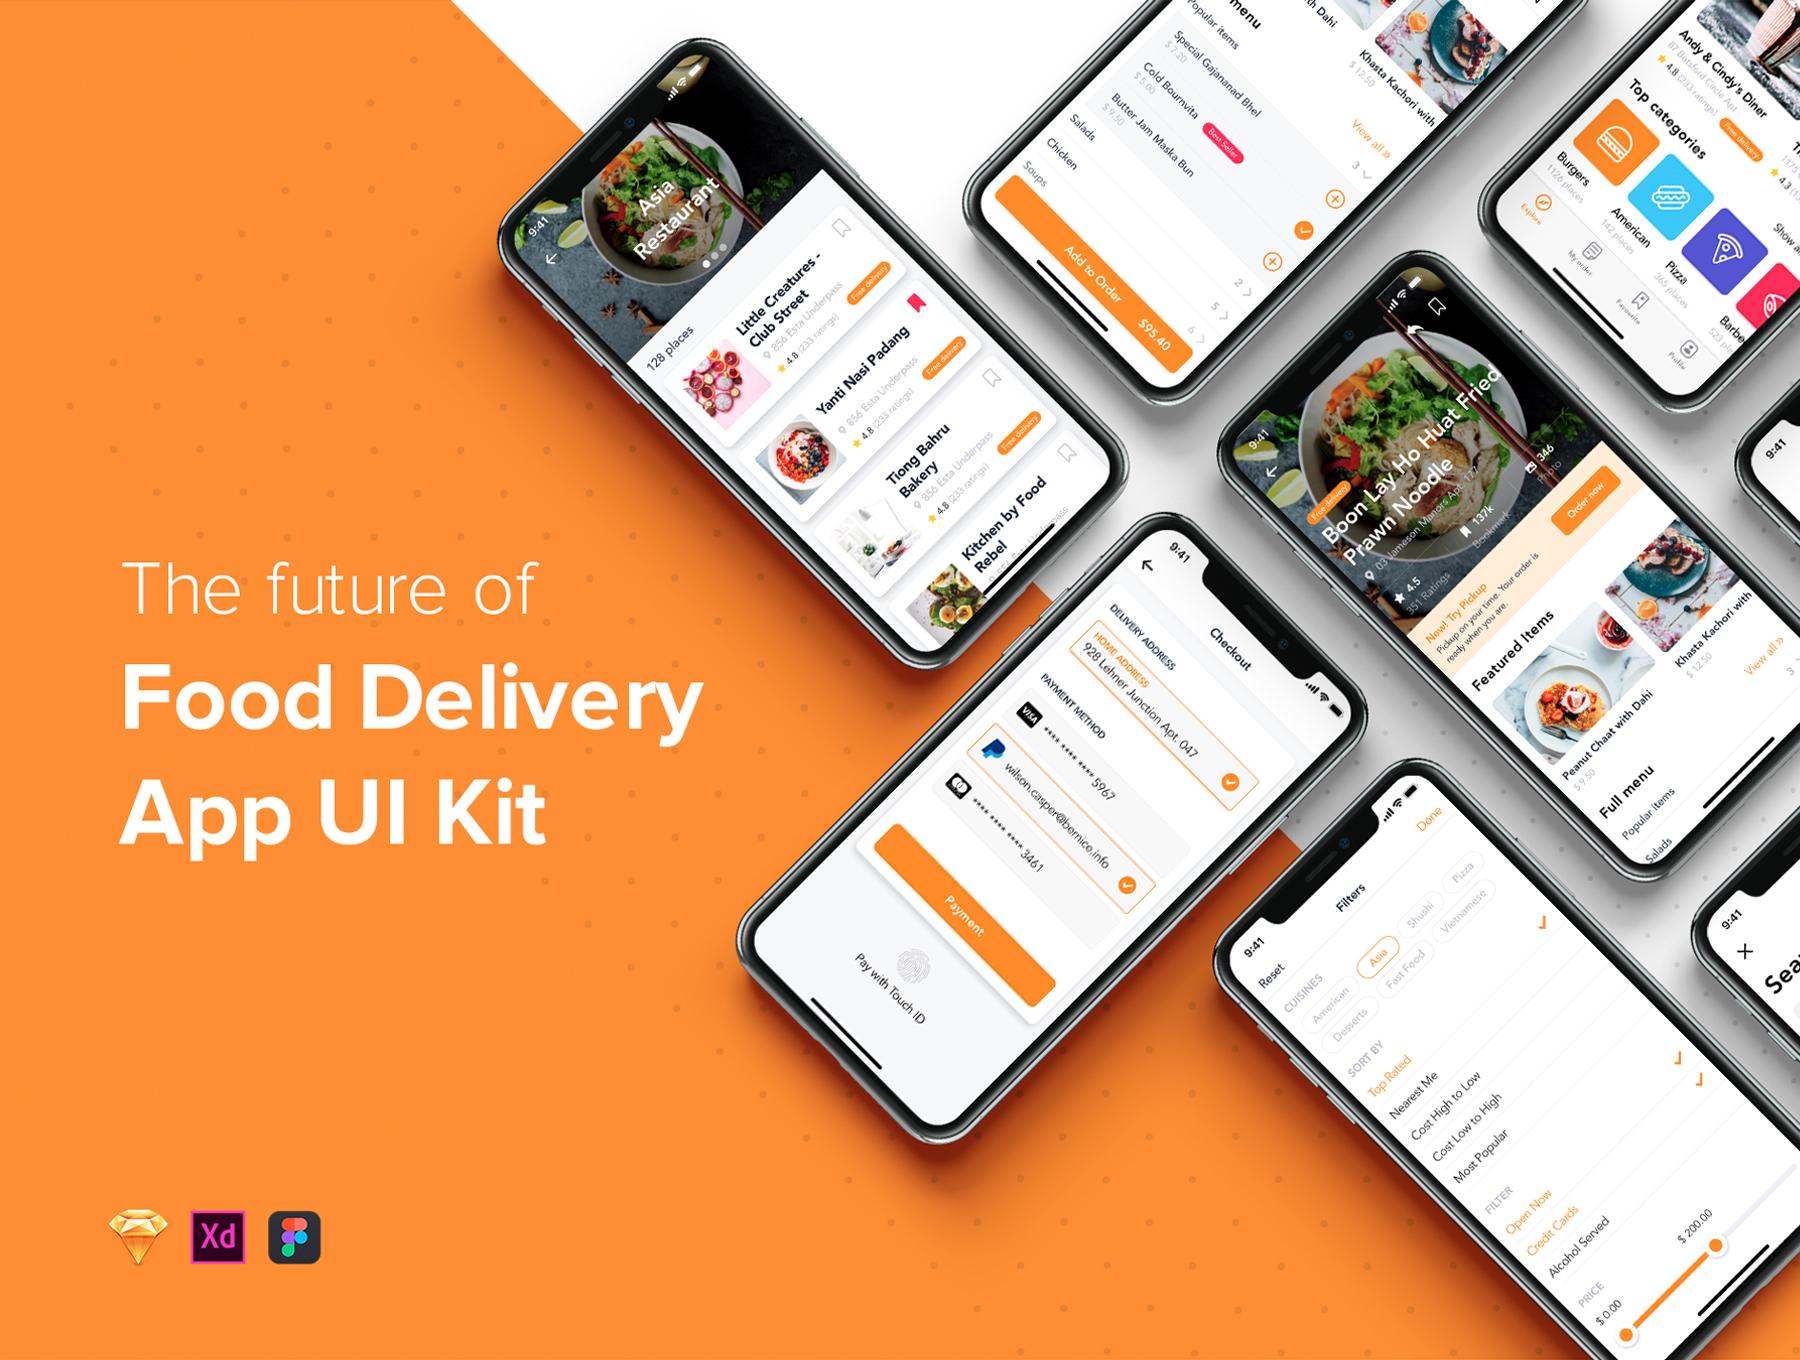 Fozzi - Food Delivery mobile app UI Kit — UI Kits on UI8